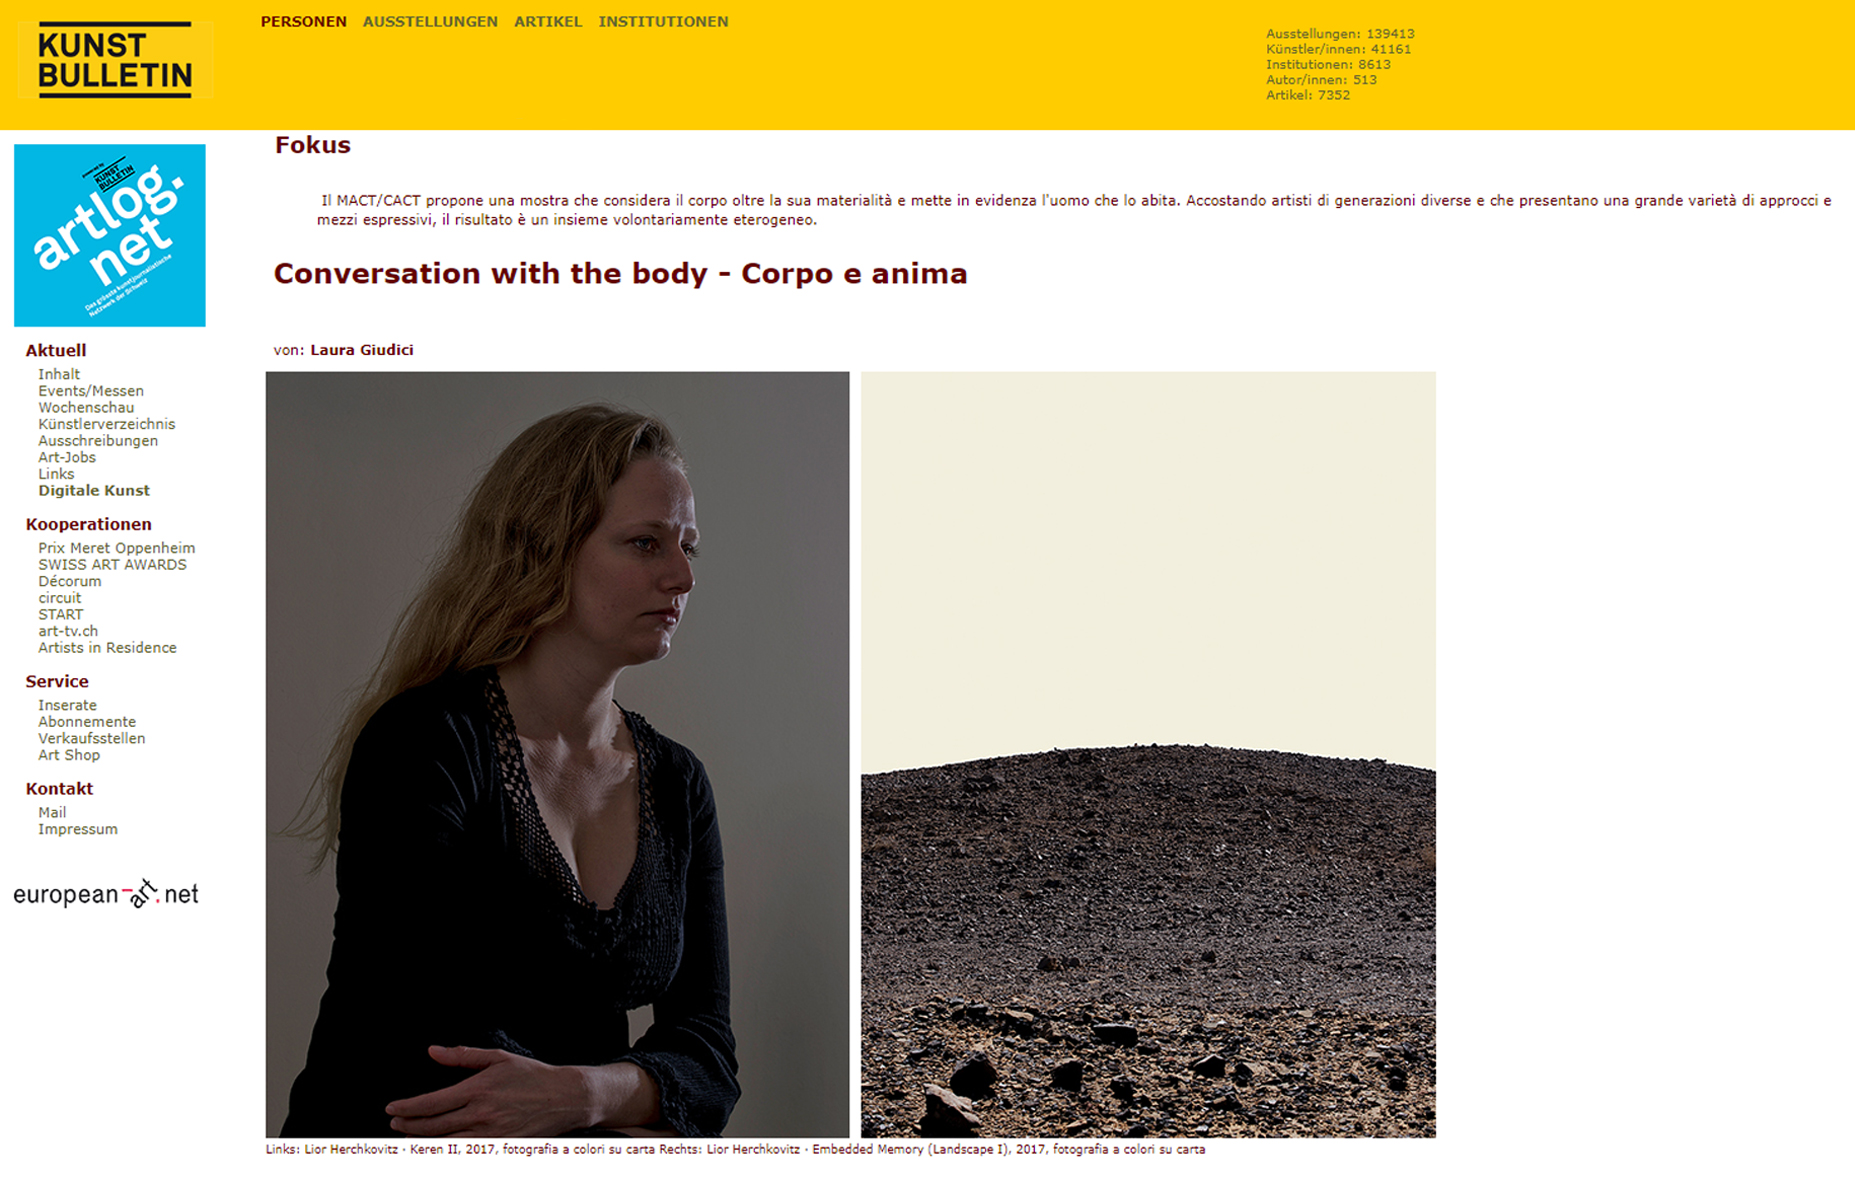 lior-herchkovitz-kunst-bulletin-zurich-2018.jpg